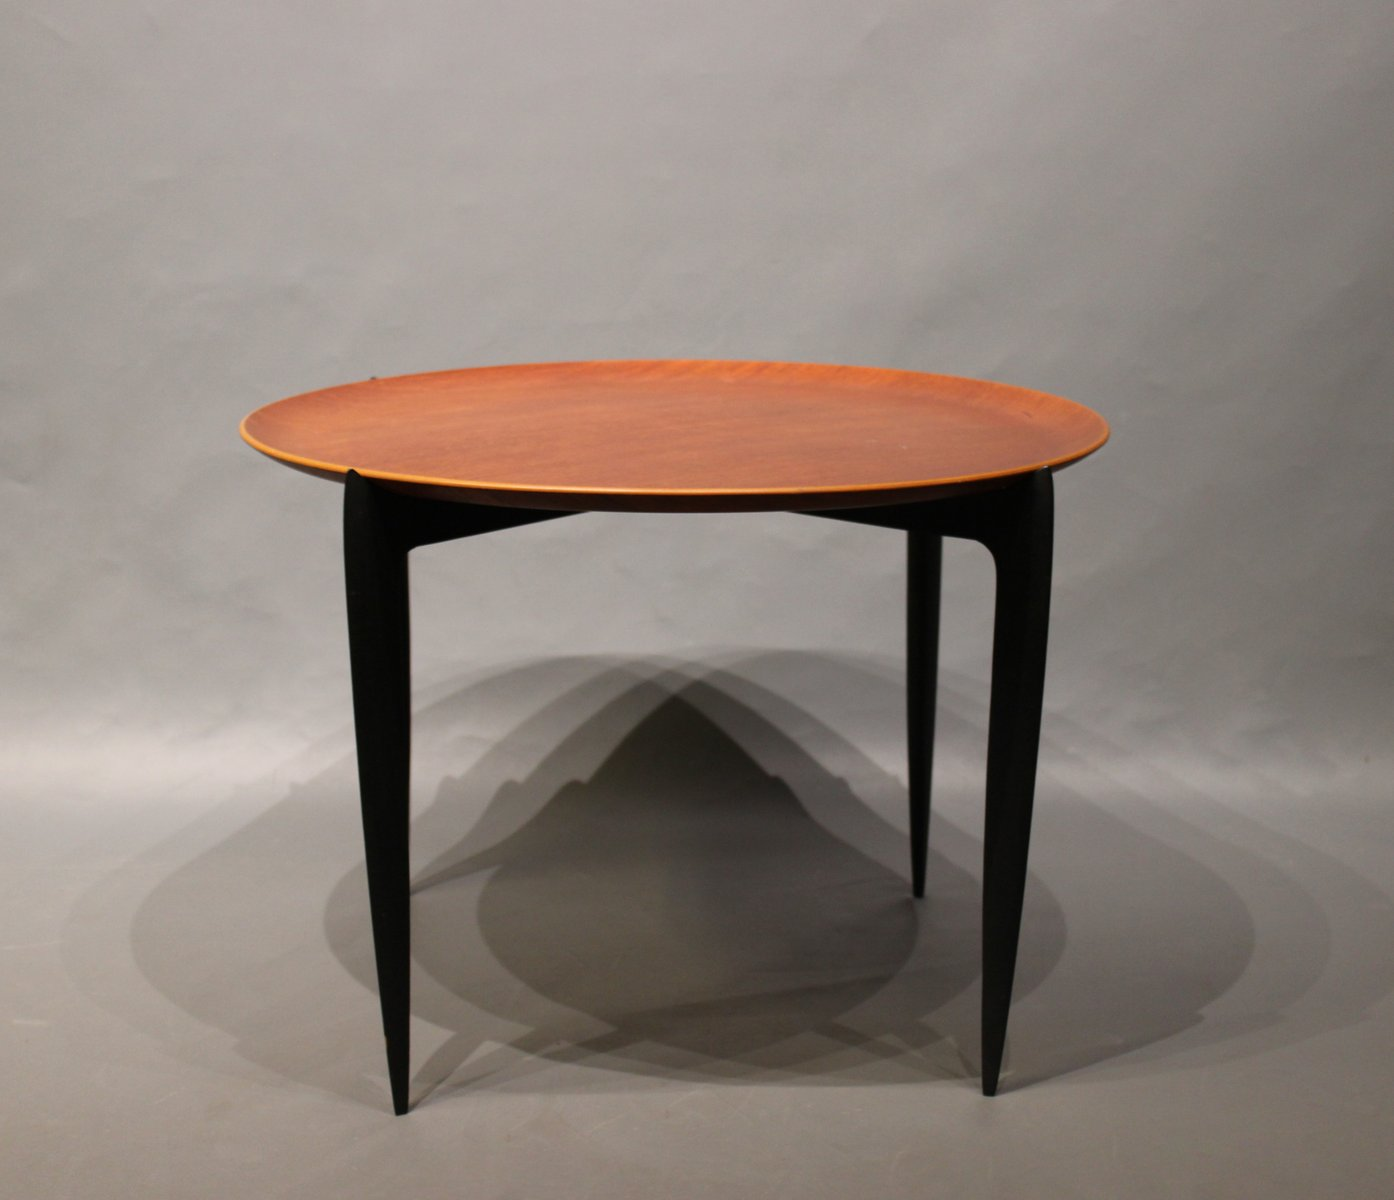 niedriger tisch mit tablett von h engholm svend ge willumsen f r fritz hansen 1970er bei. Black Bedroom Furniture Sets. Home Design Ideas